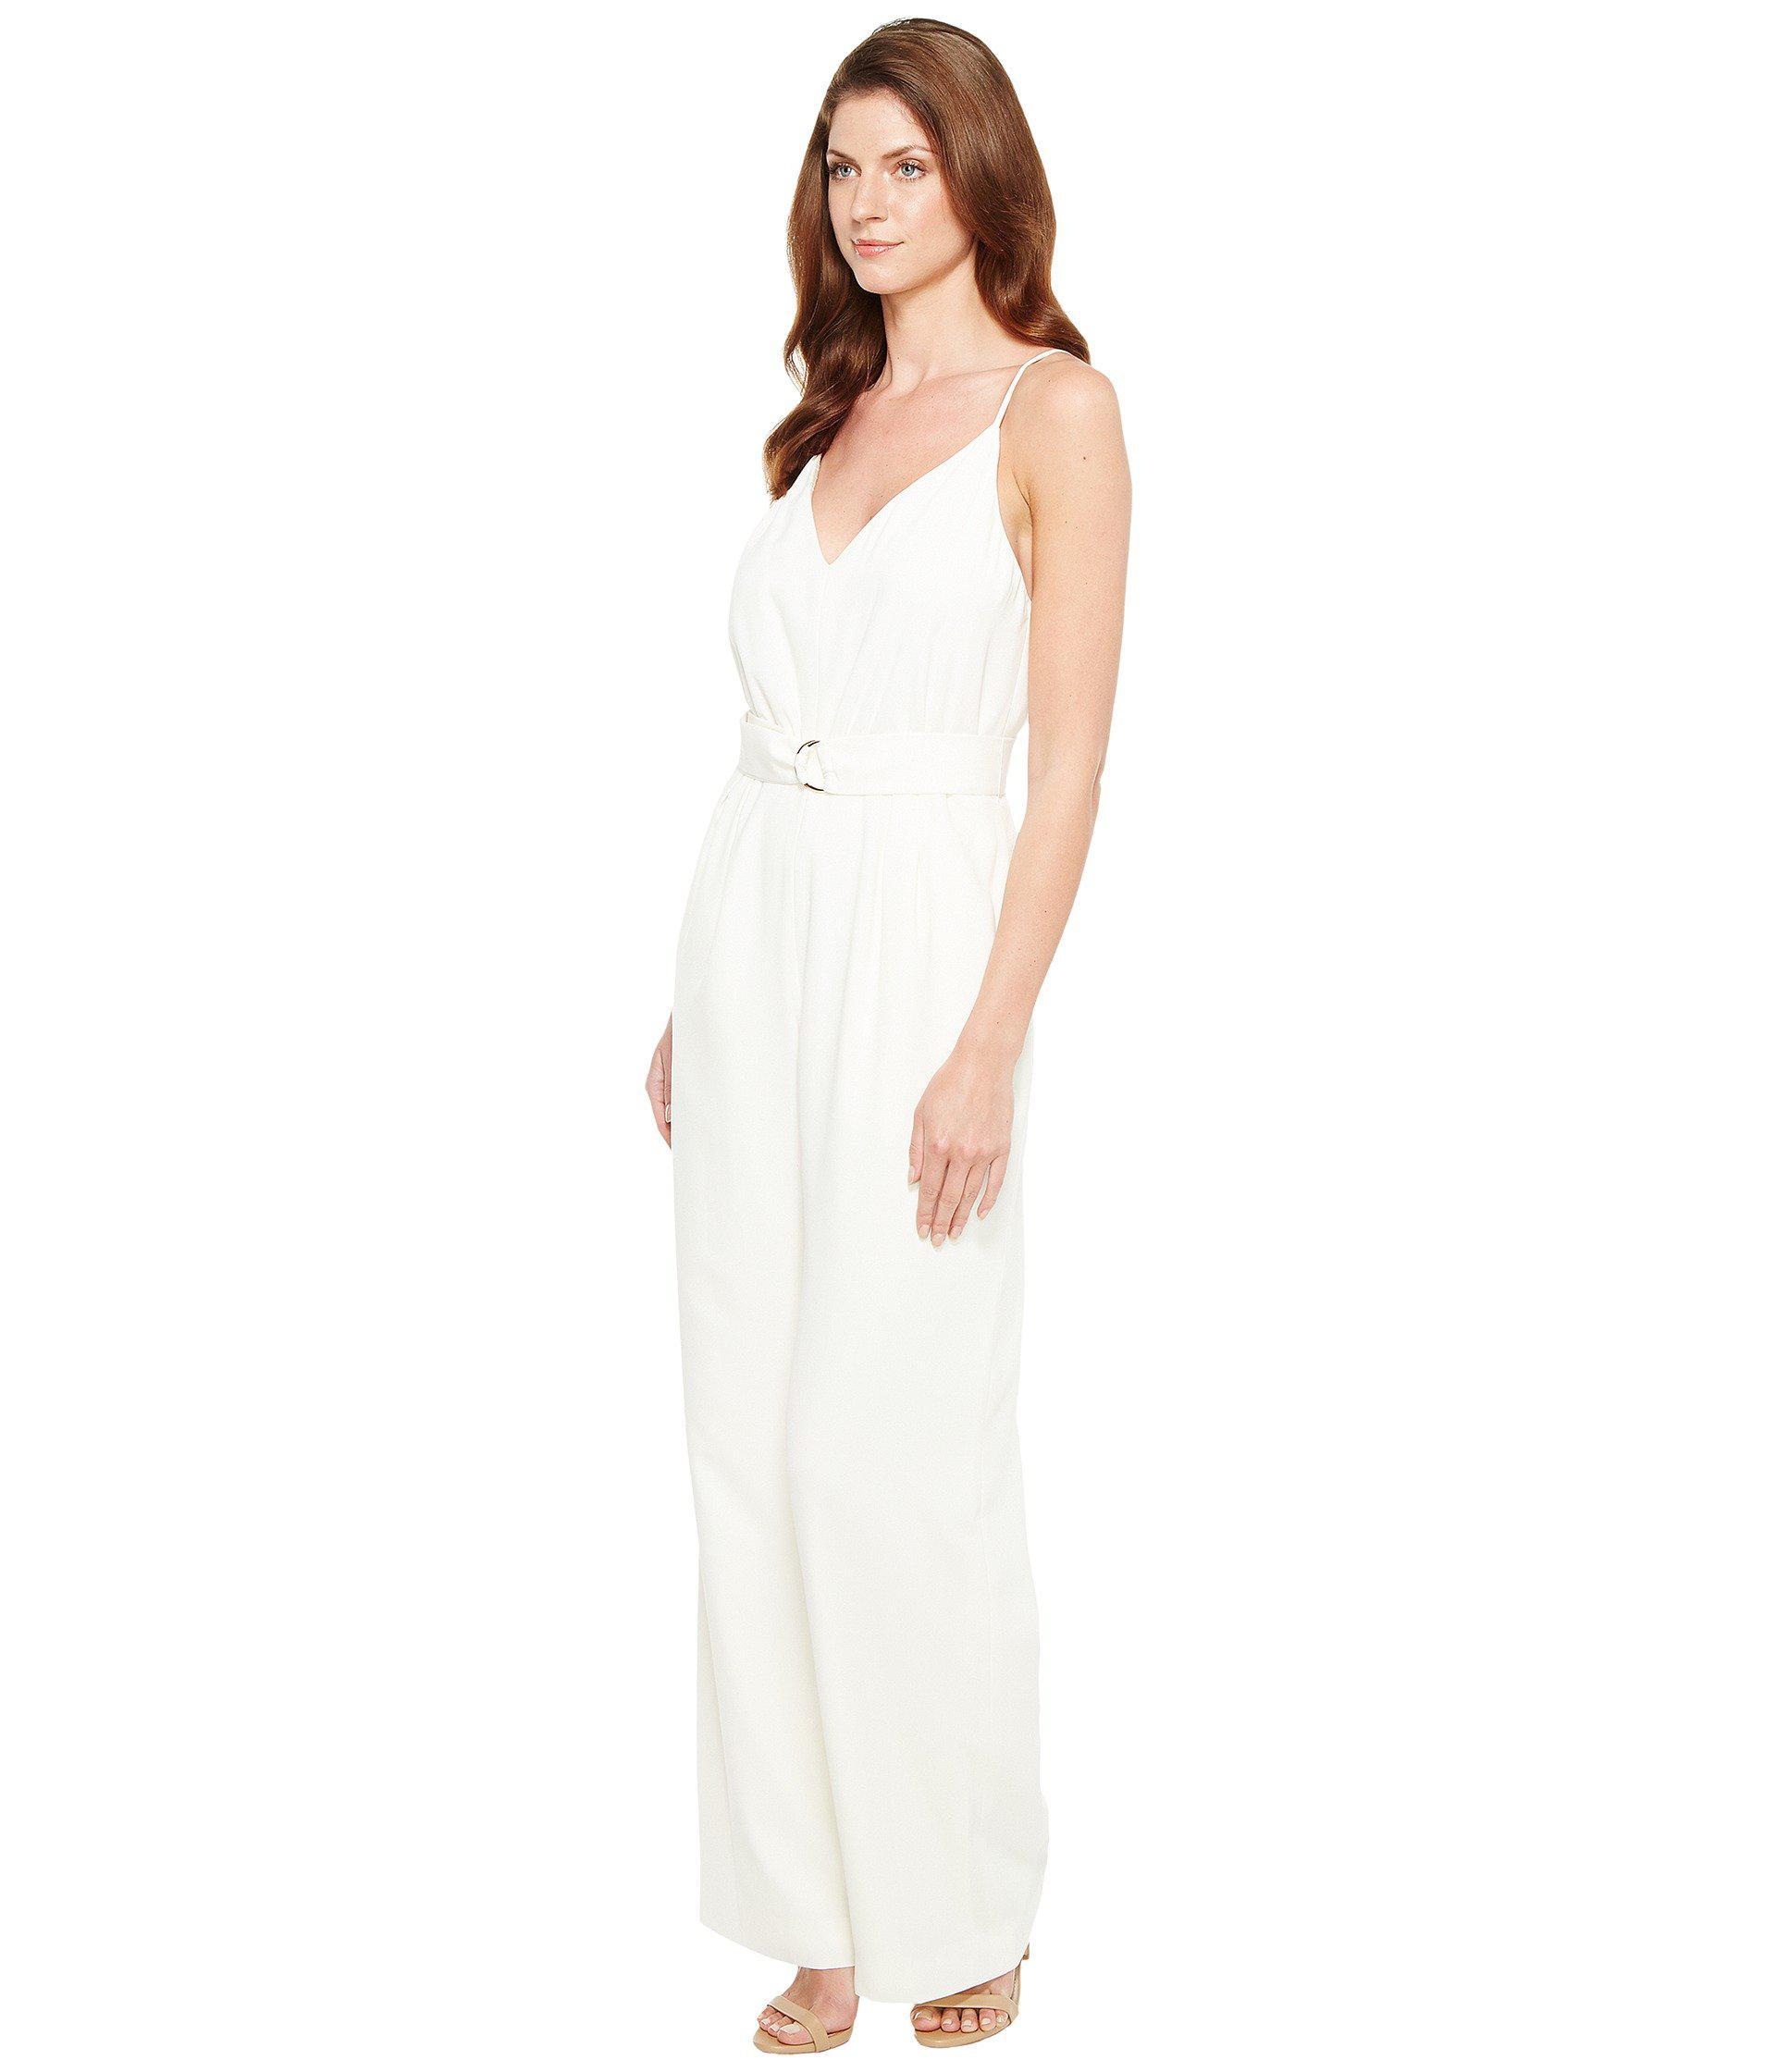 281b9db98c0 Lyst - JILL Jill Stuart 2-ply D-ring Jumpsuit in White - Save 26%